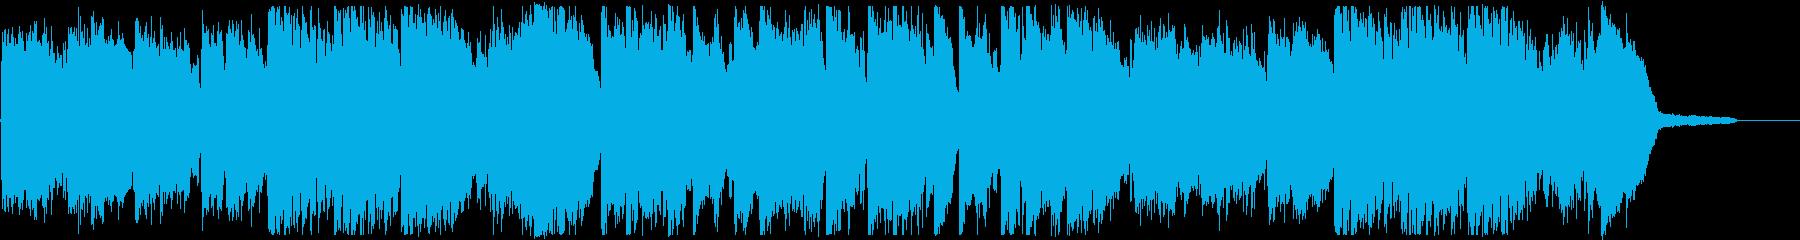 オープニング・優しい洋楽ポップスの再生済みの波形